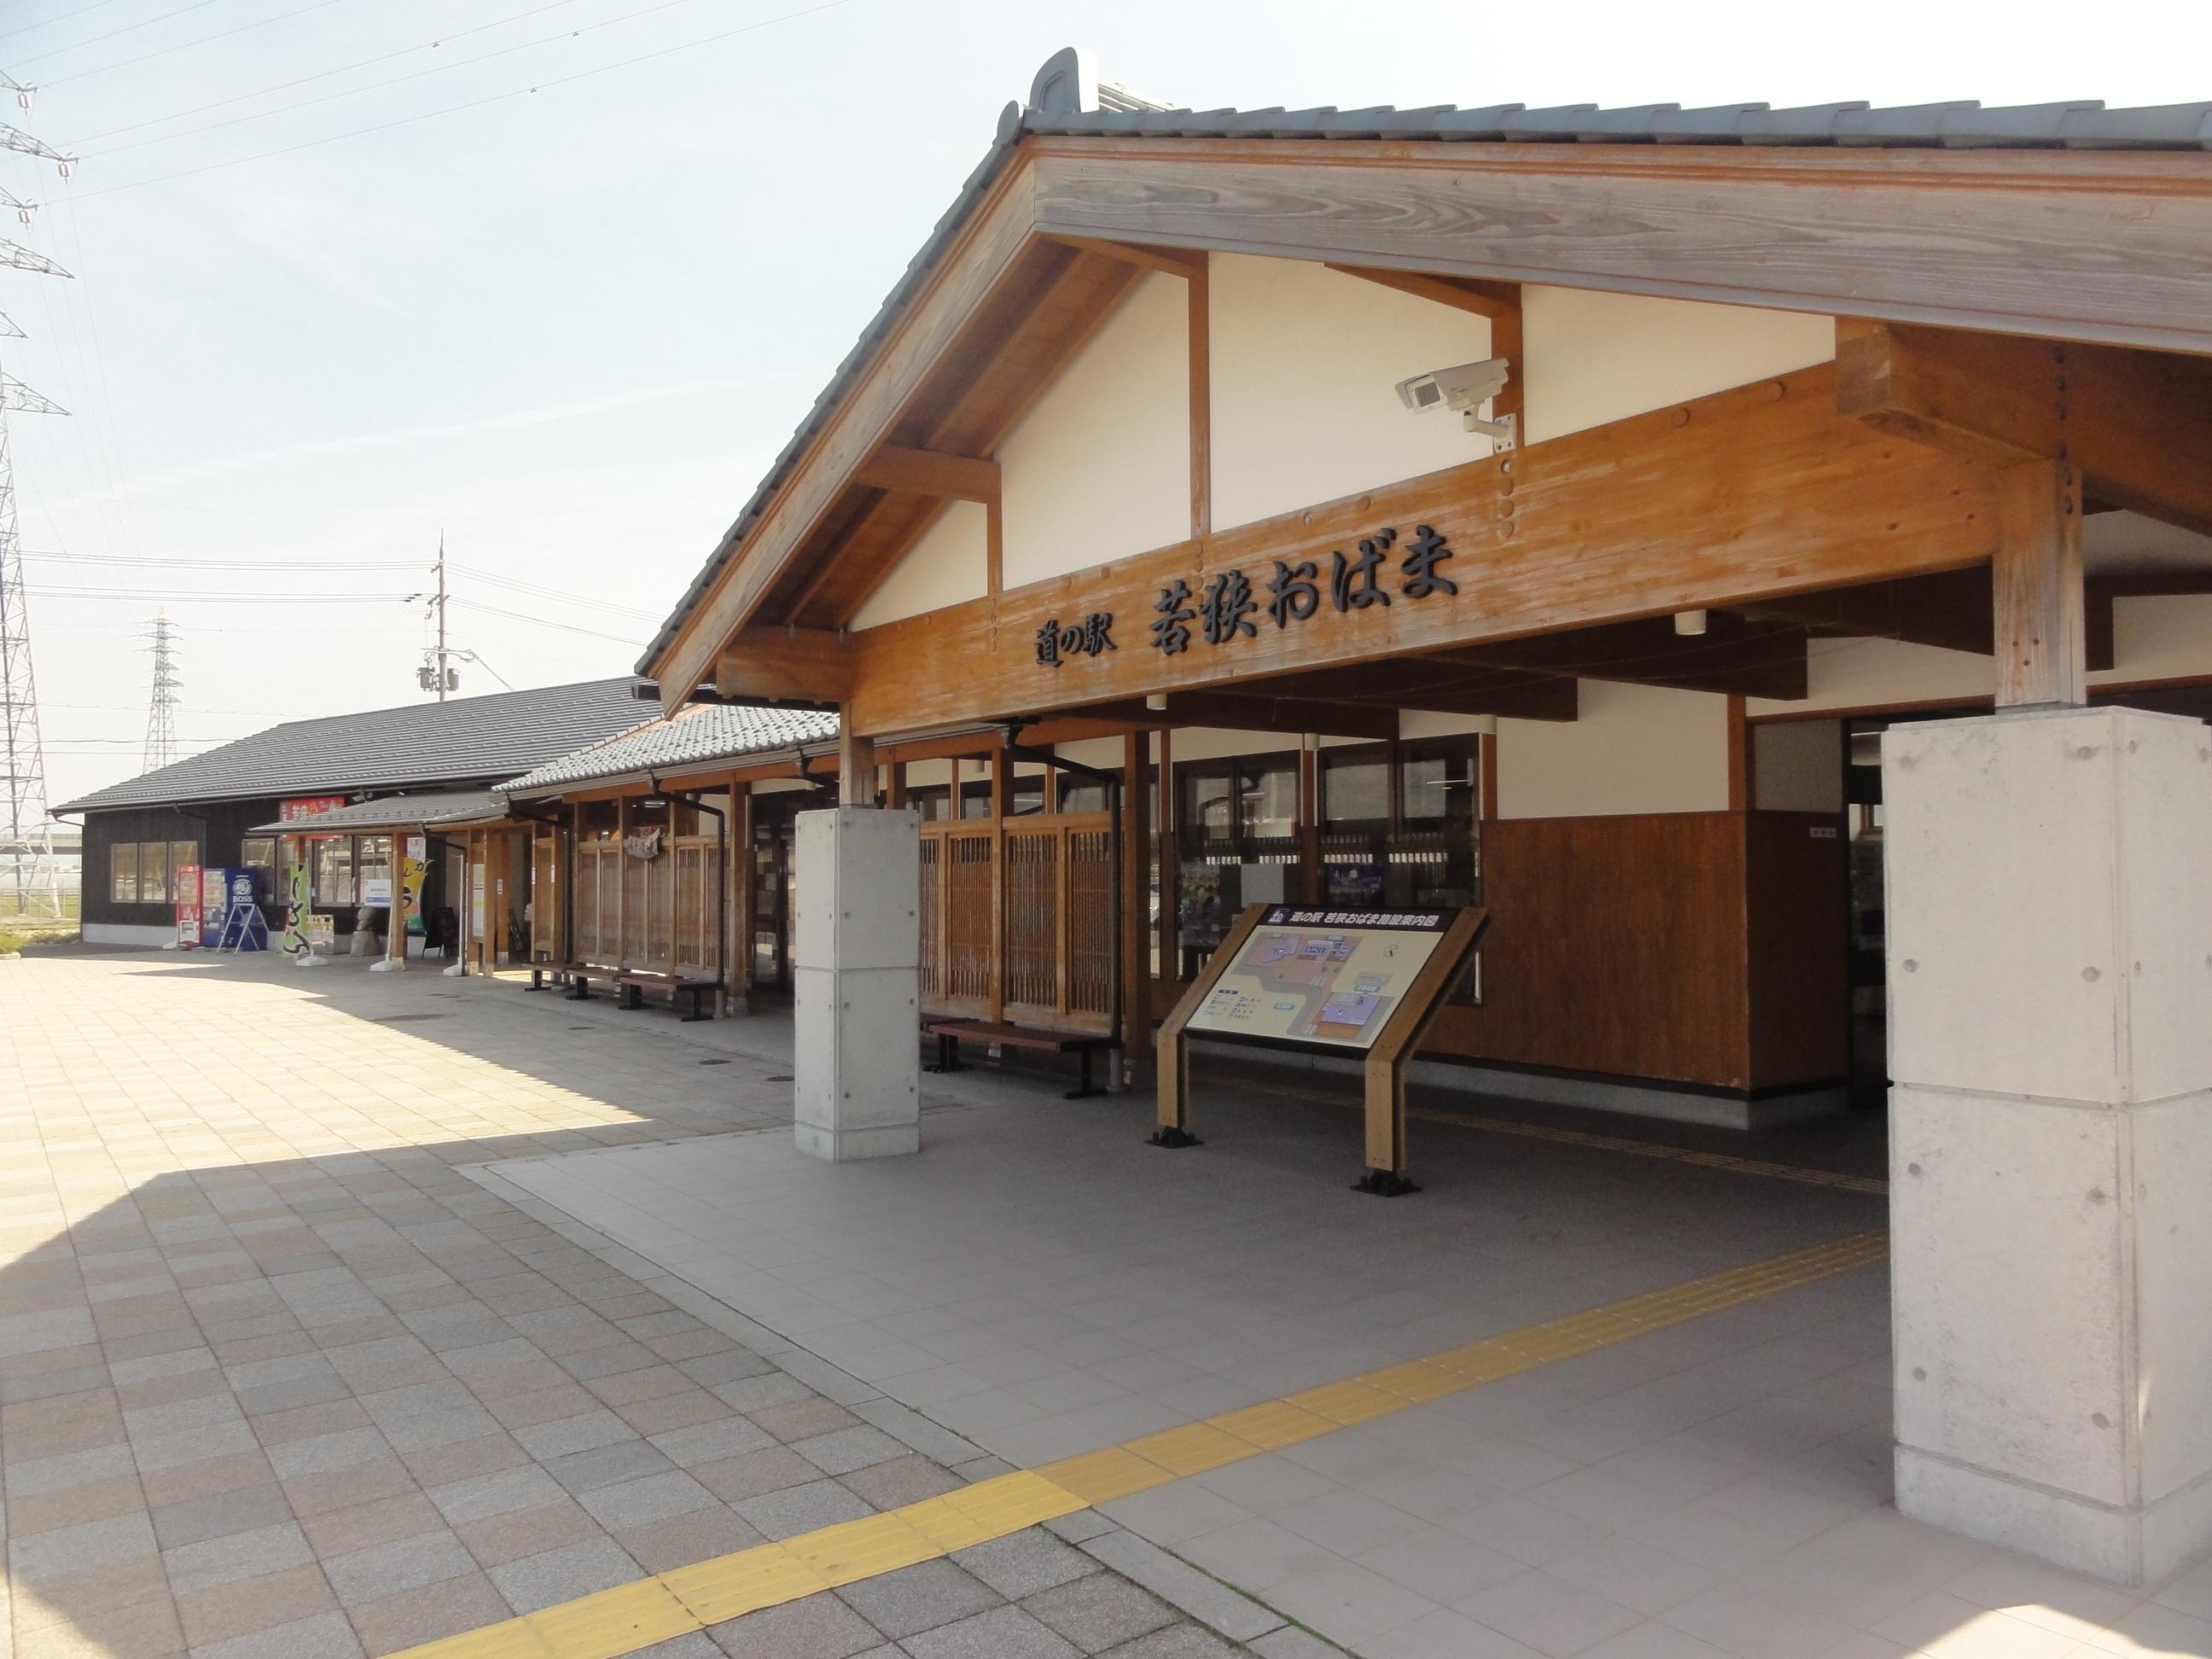 道の駅 若狭おばま (みちのえき わかさおばま)